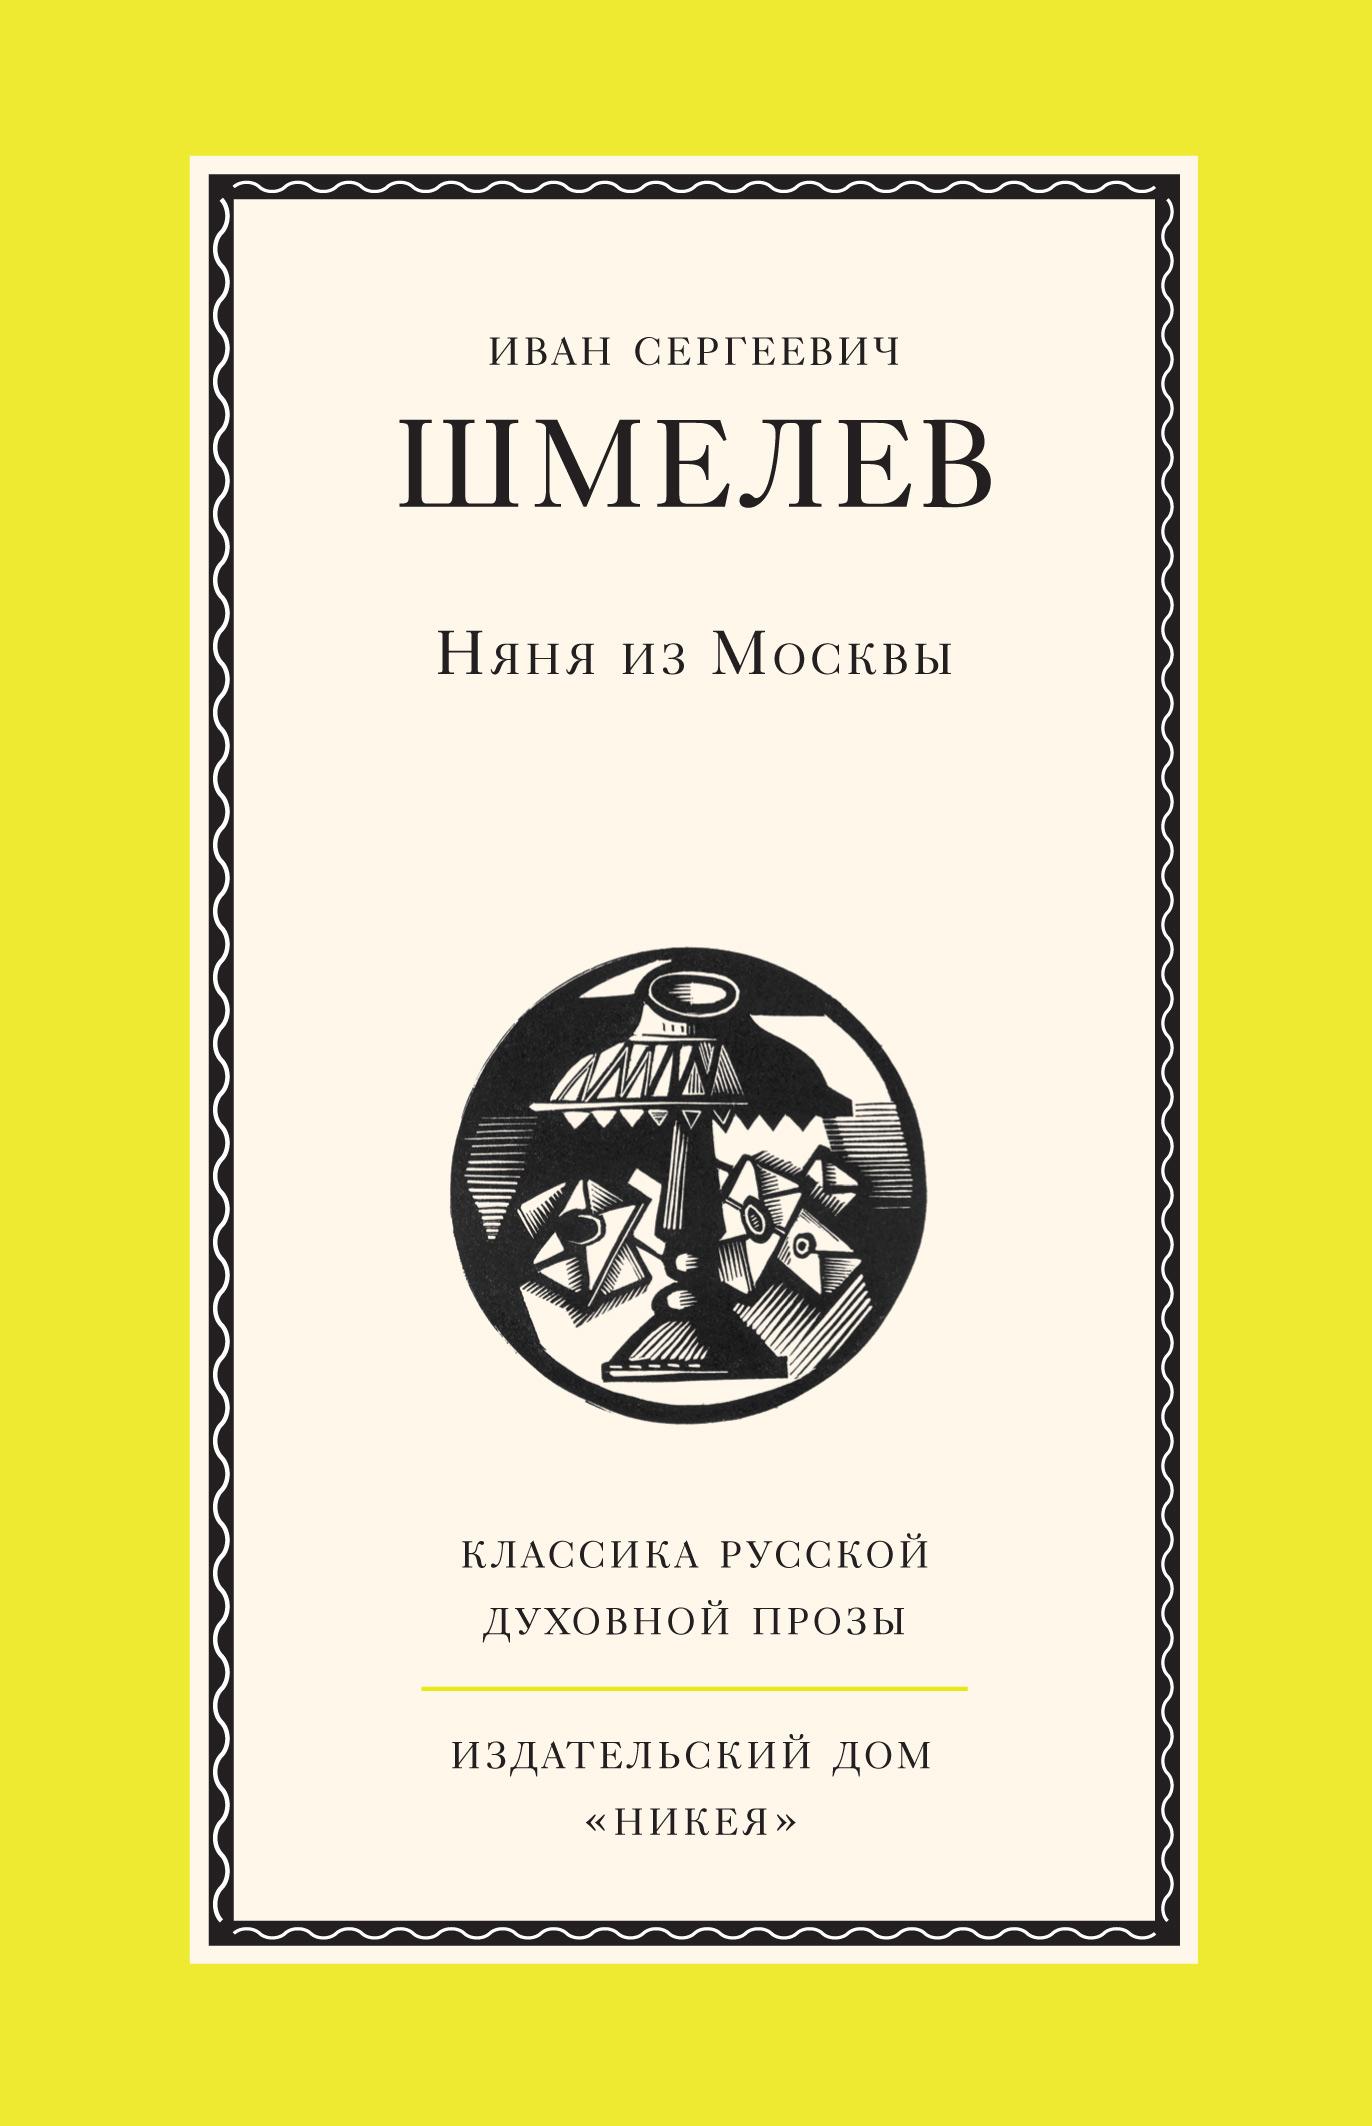 цена на Иван Шмелев Няня из Москвы